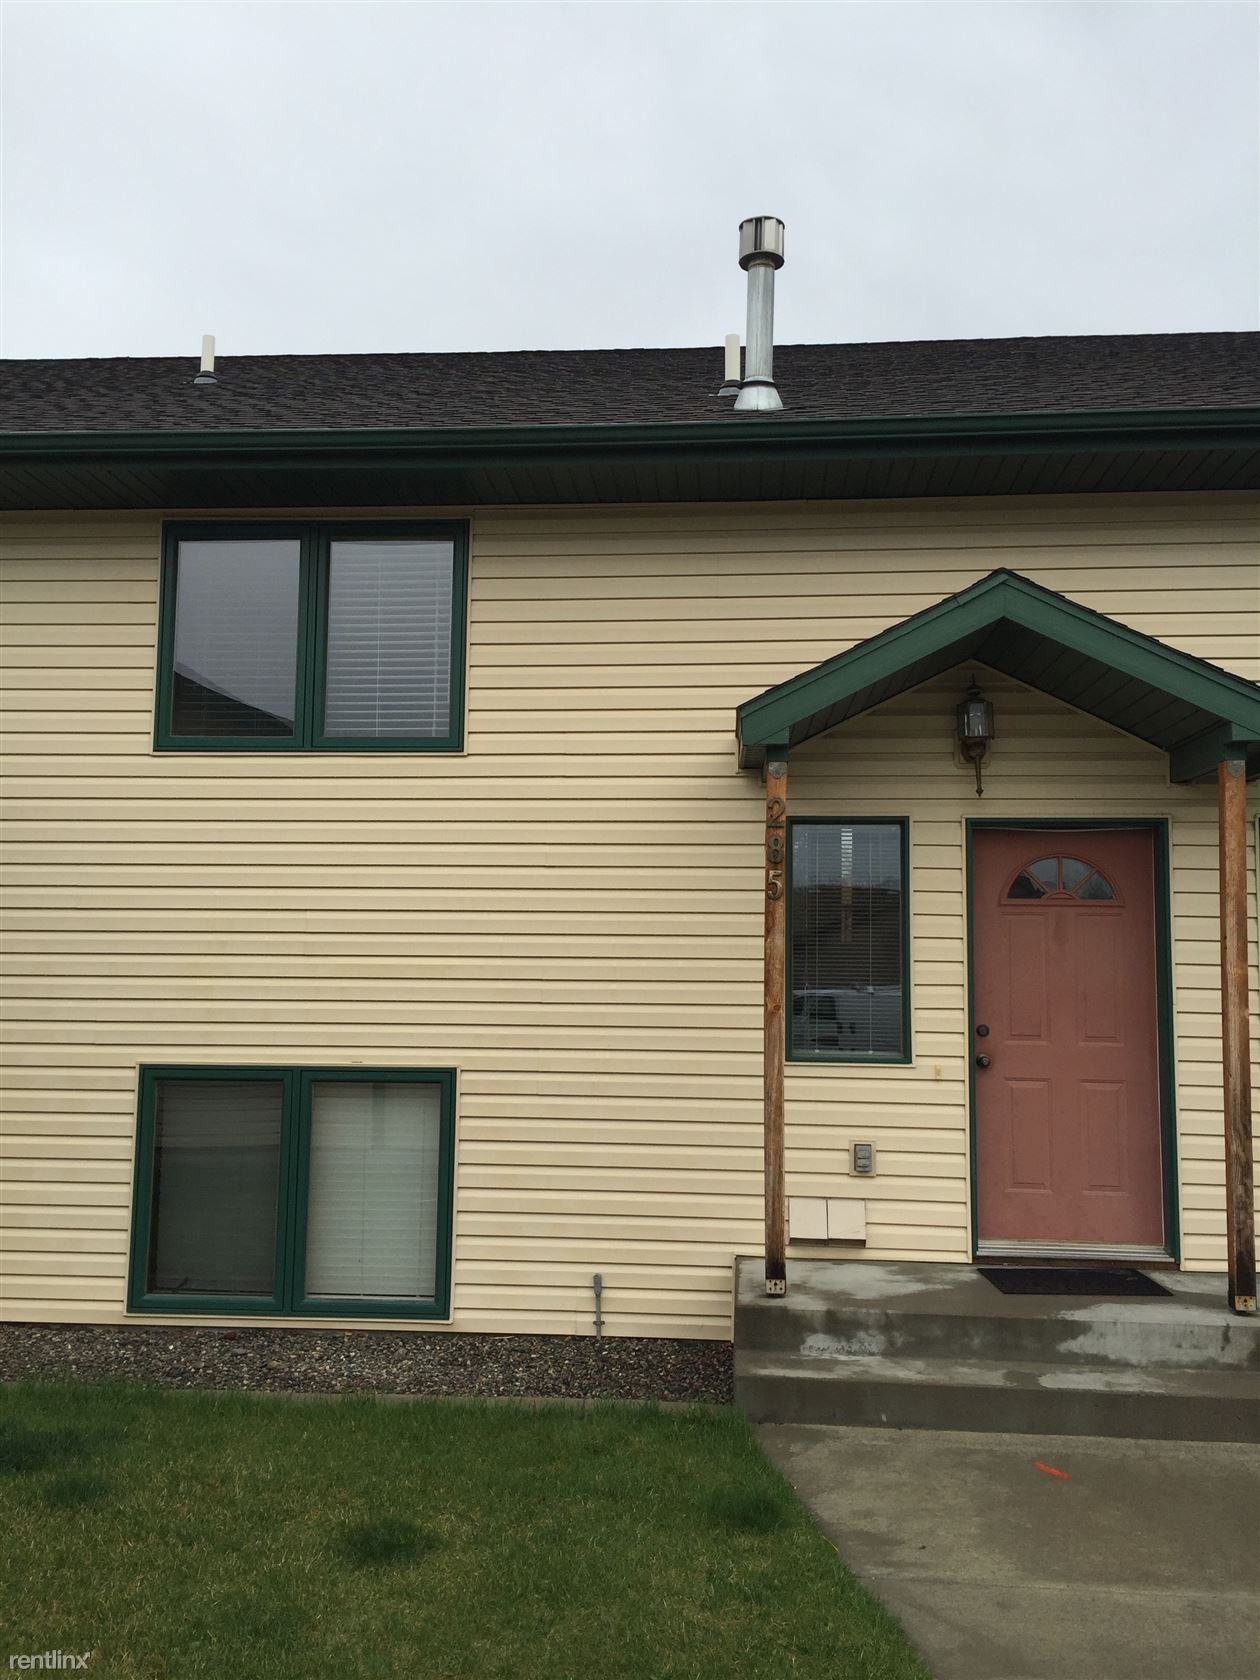 285 Cape Cod Dr., Billings, MT - $1,300